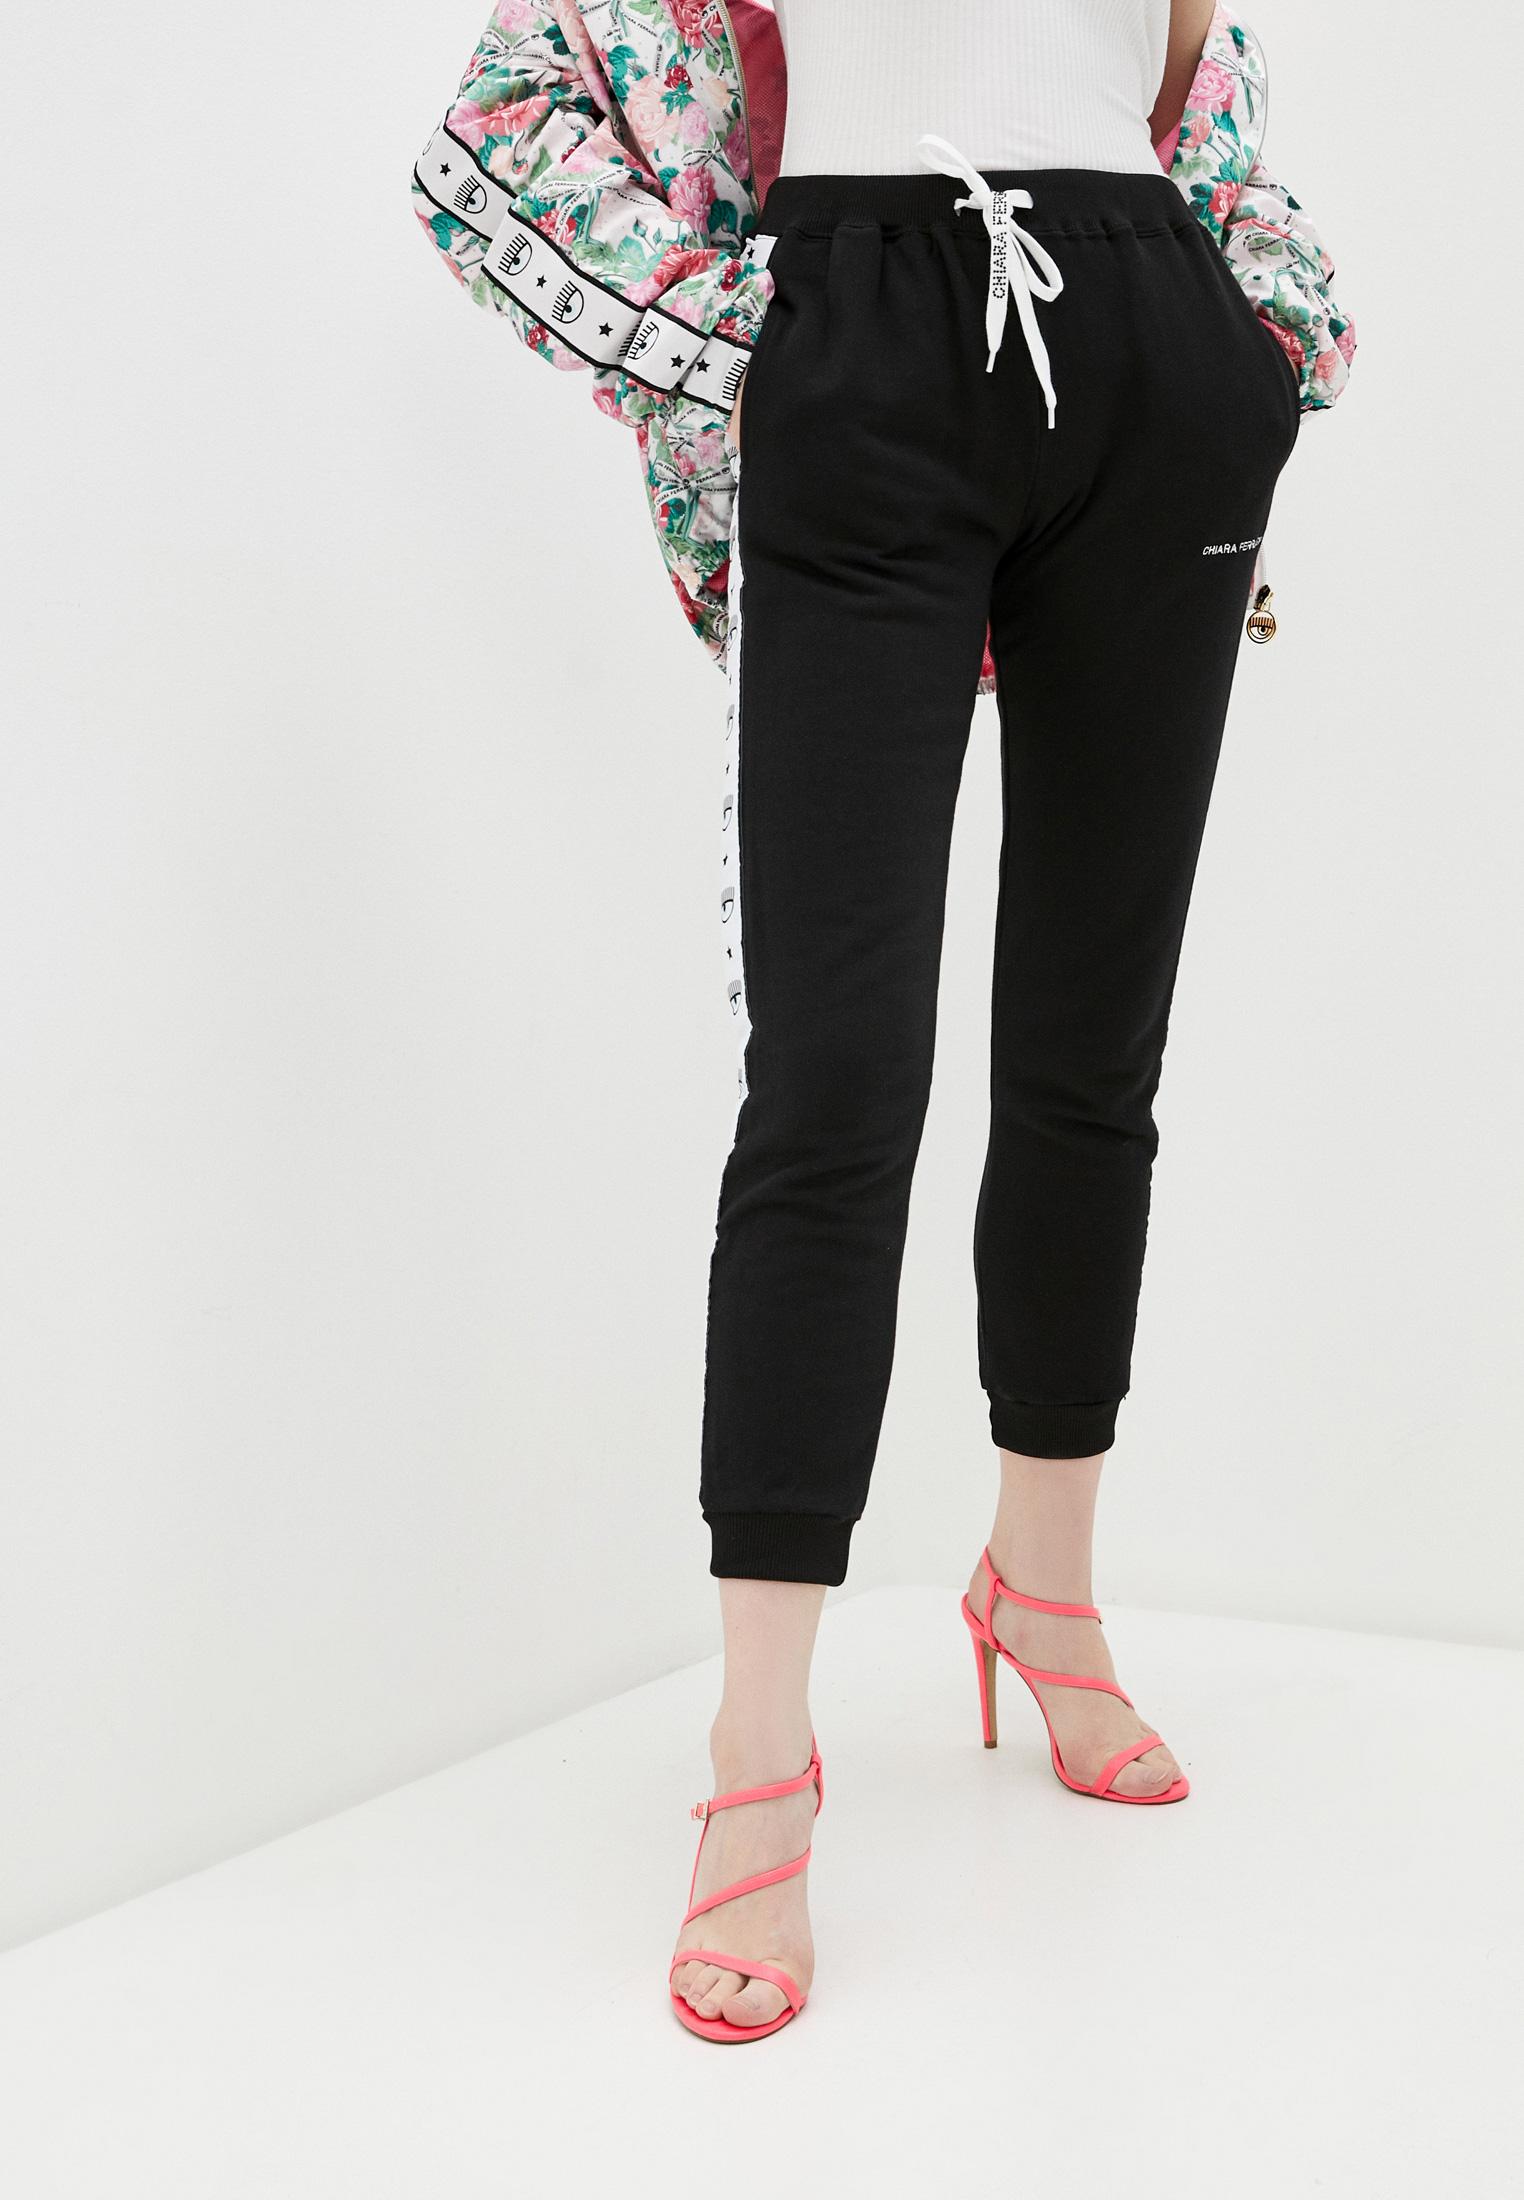 Женские спортивные брюки Chiara Ferragni Collection Брюки спортивные Chiara Ferragni Collection